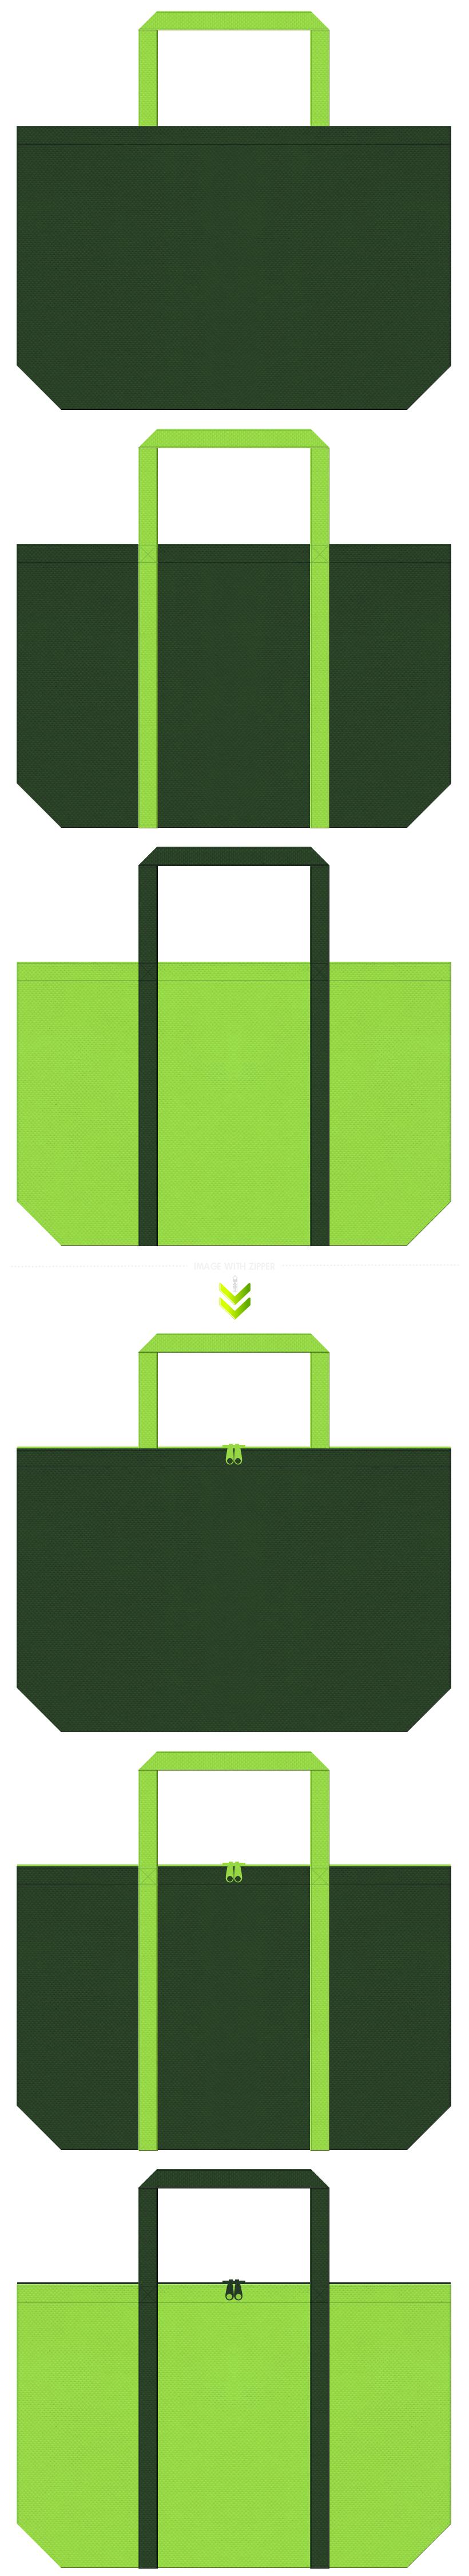 濃緑色と黄緑色の不織布エコバッグデザイン。植物園・屋上緑化・壁面緑化のノベルティにお奨めです。